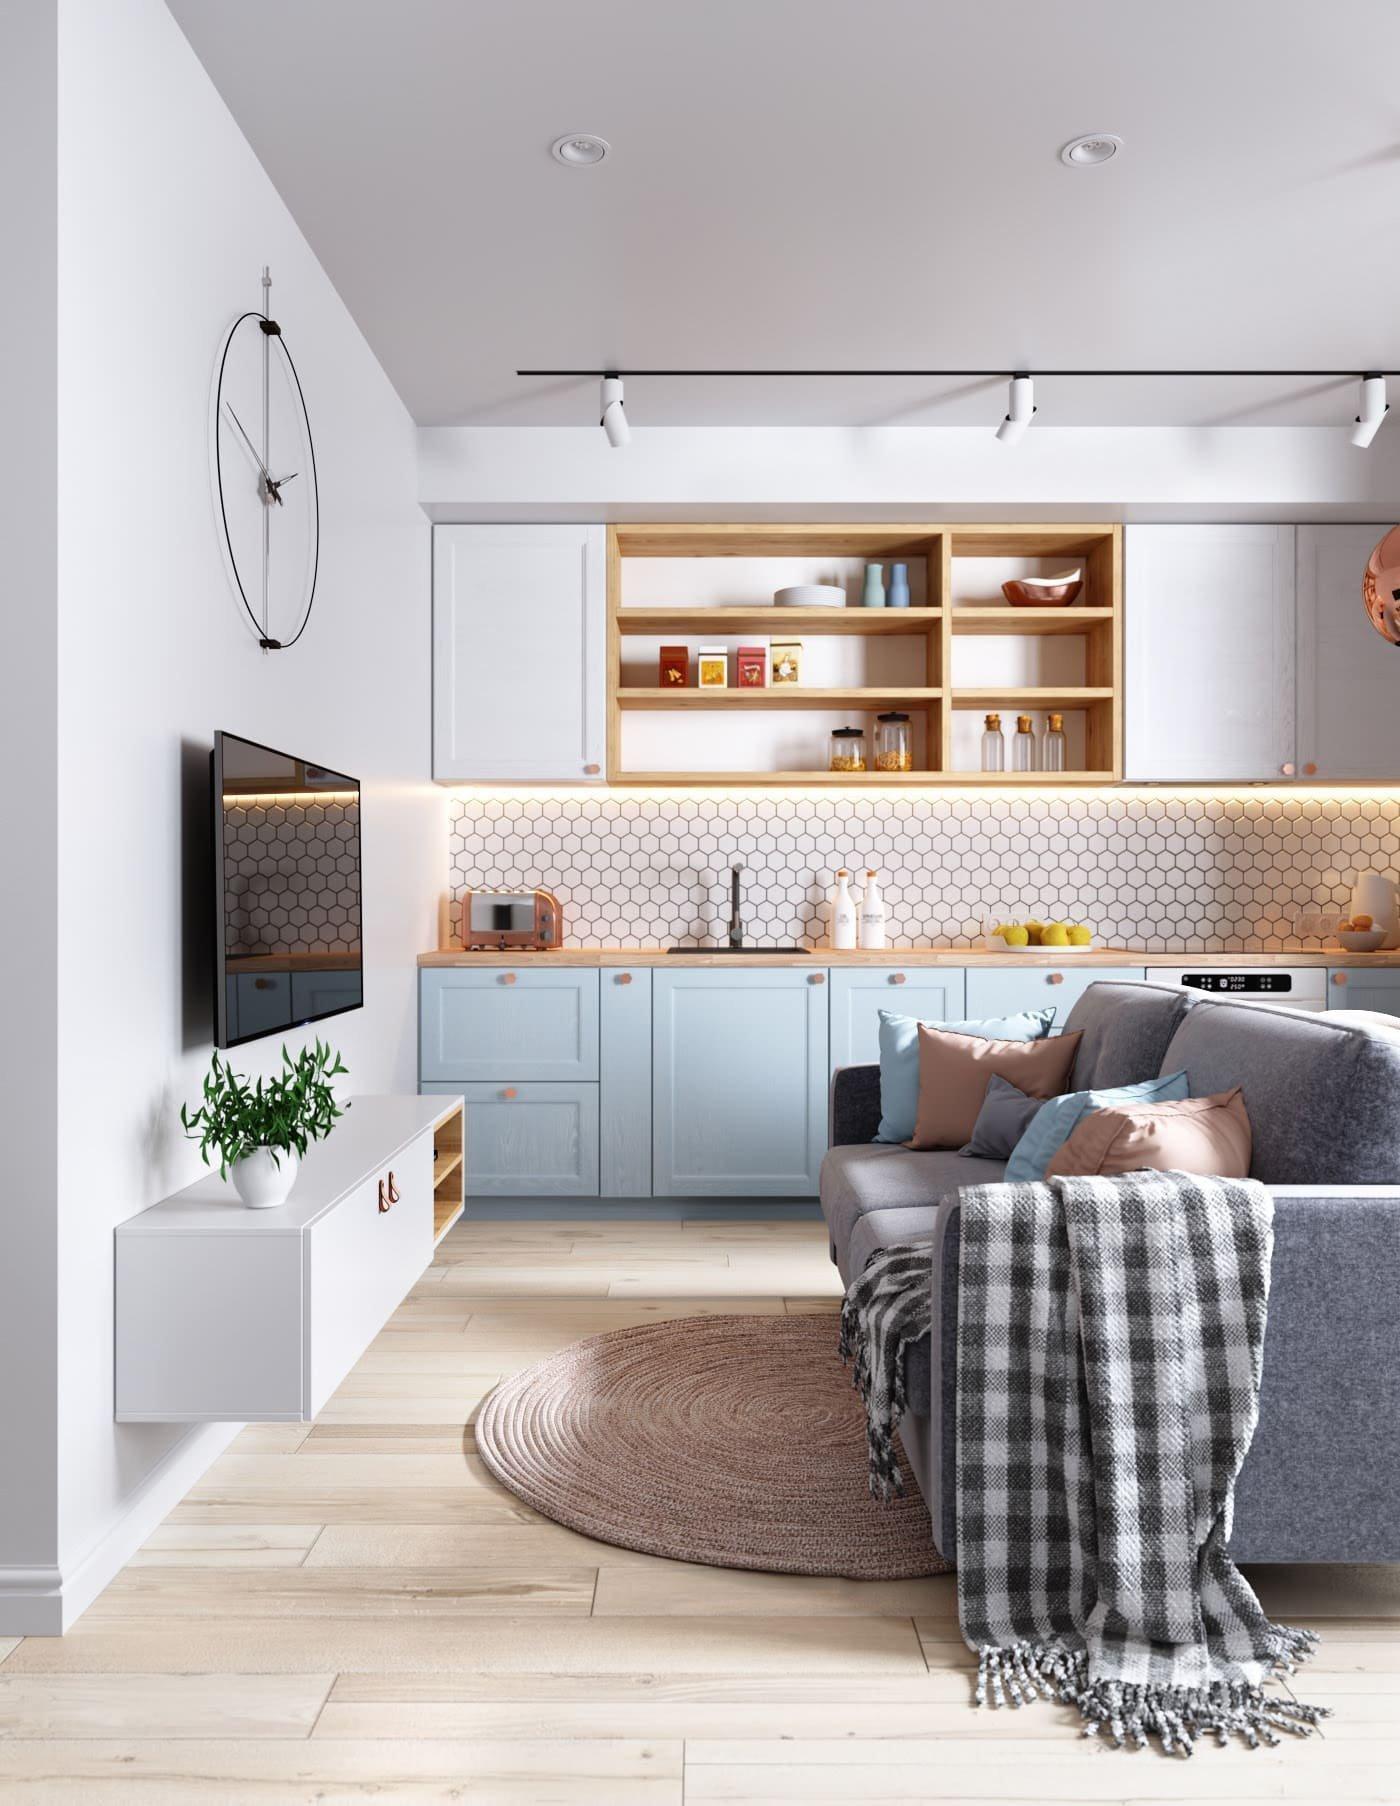 Kouzlo pastelových barev tkví především v tom, že do interiéru vnáší světlo a hravost, ale že je lze dokonale kombinovat i s výraznějšími dekoracemi.